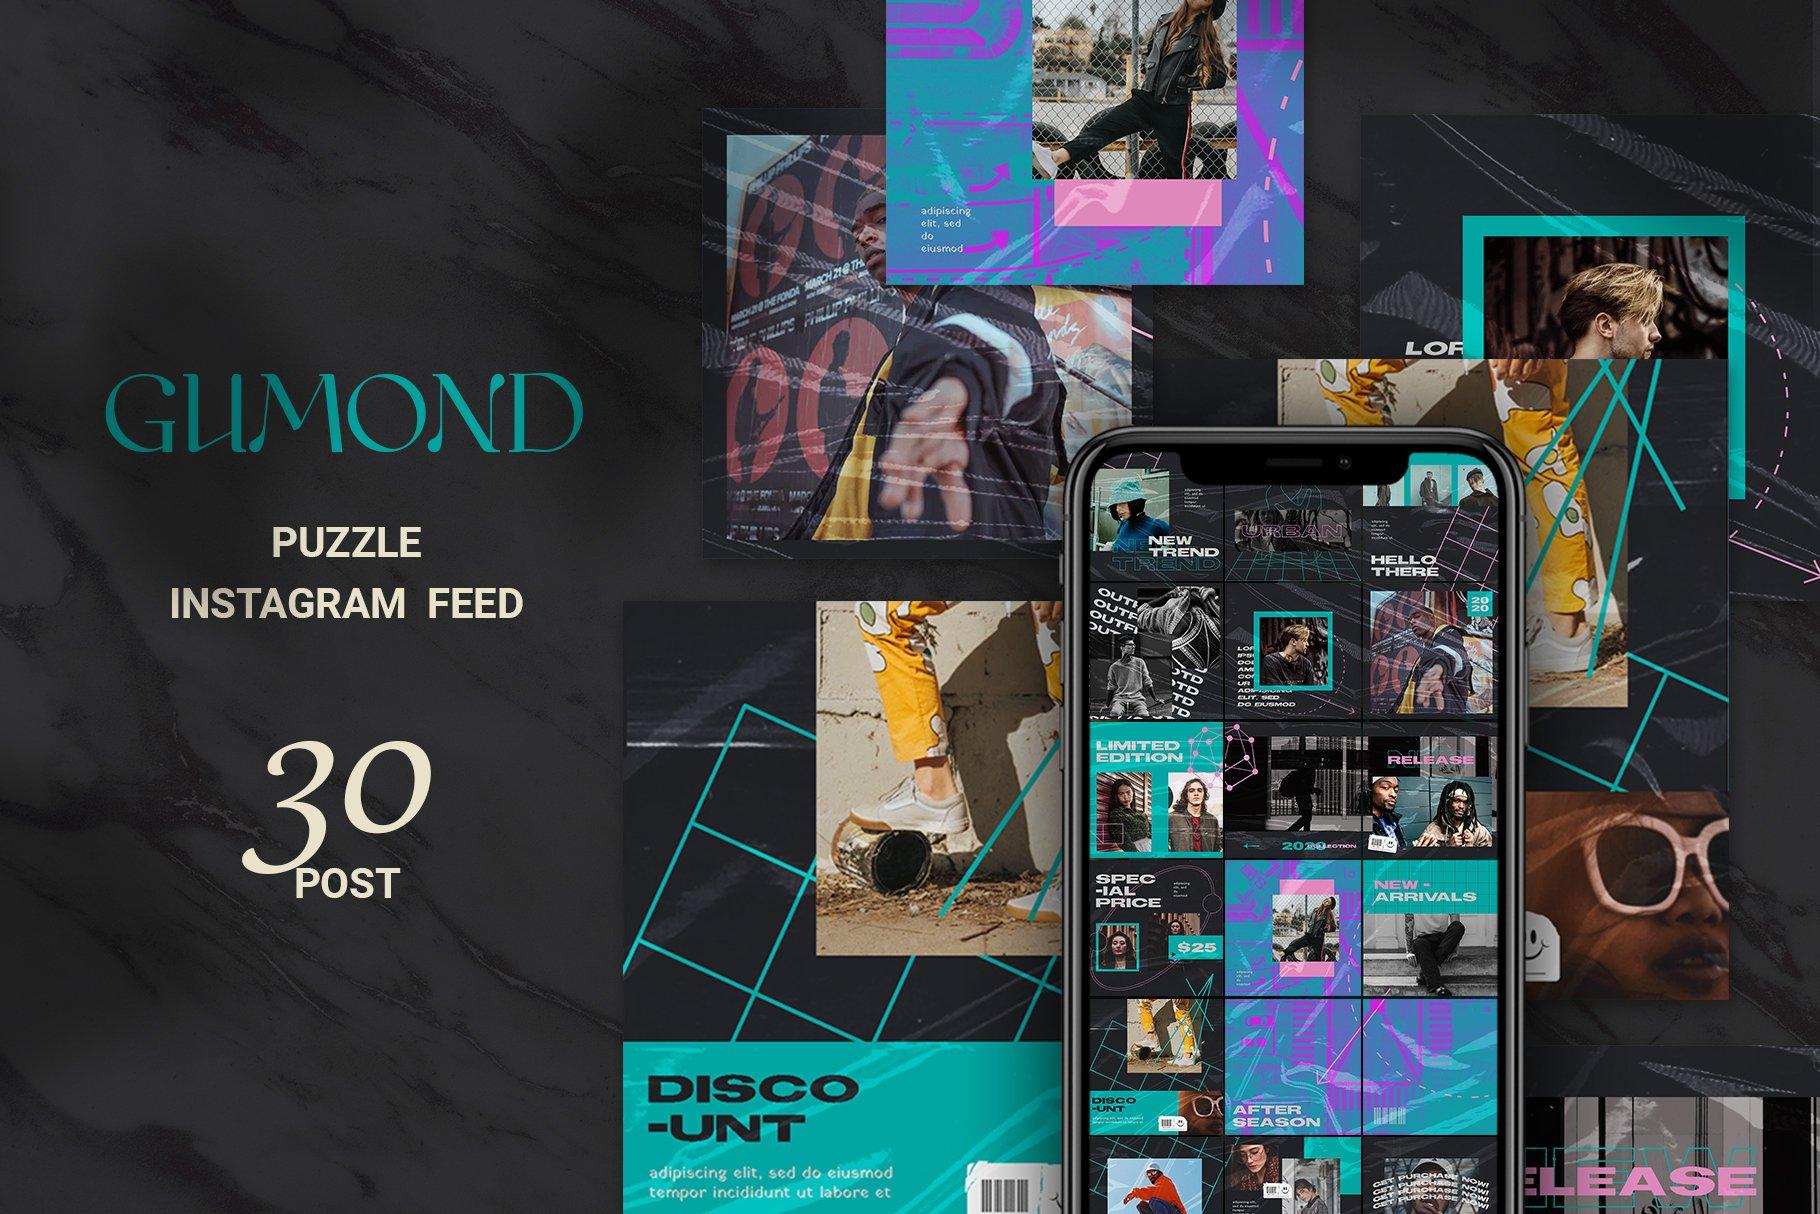 潮流品牌推广新媒体海报设计模板 Gumond Puzzle Instagram Feed插图